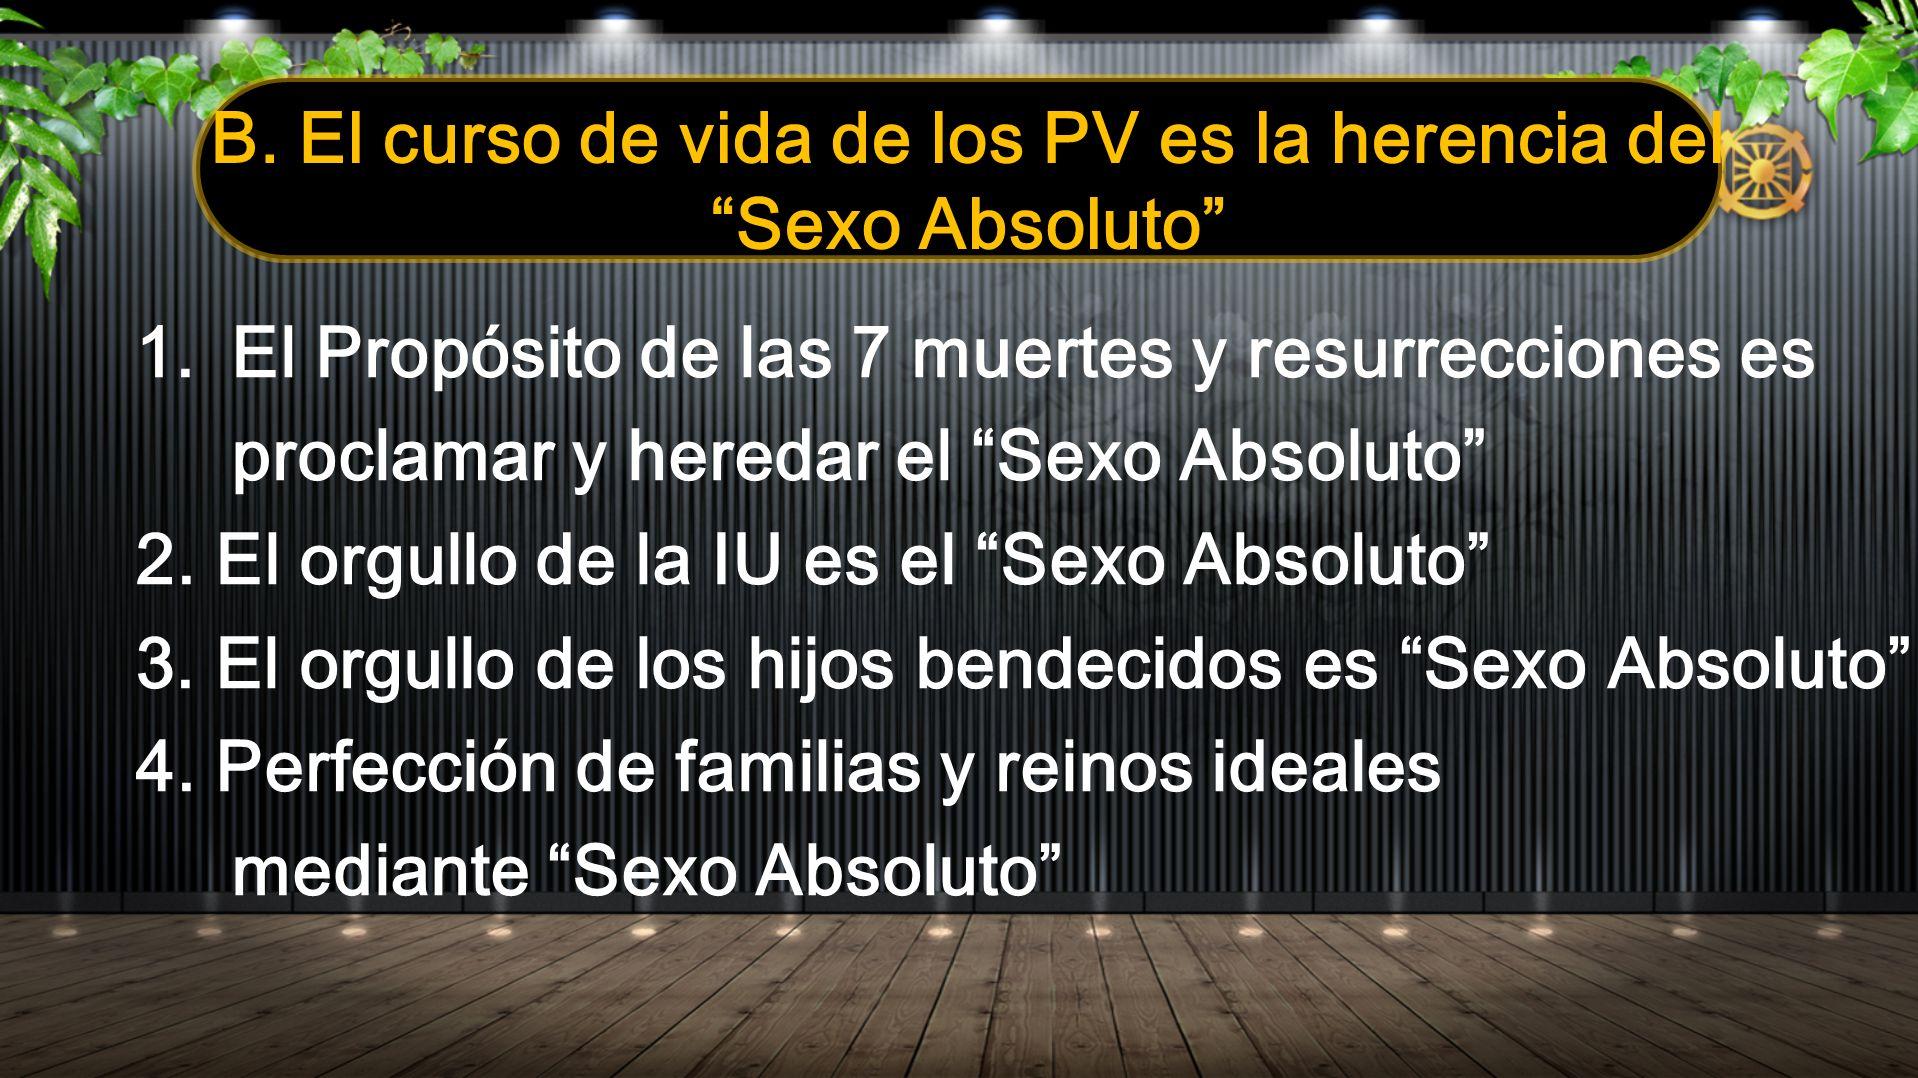 B. El curso de vida de los PV es la herencia del Sexo Absoluto 1.El Propósito de las 7 muertes y resurrecciones es proclamar y heredar el Sexo Absolut